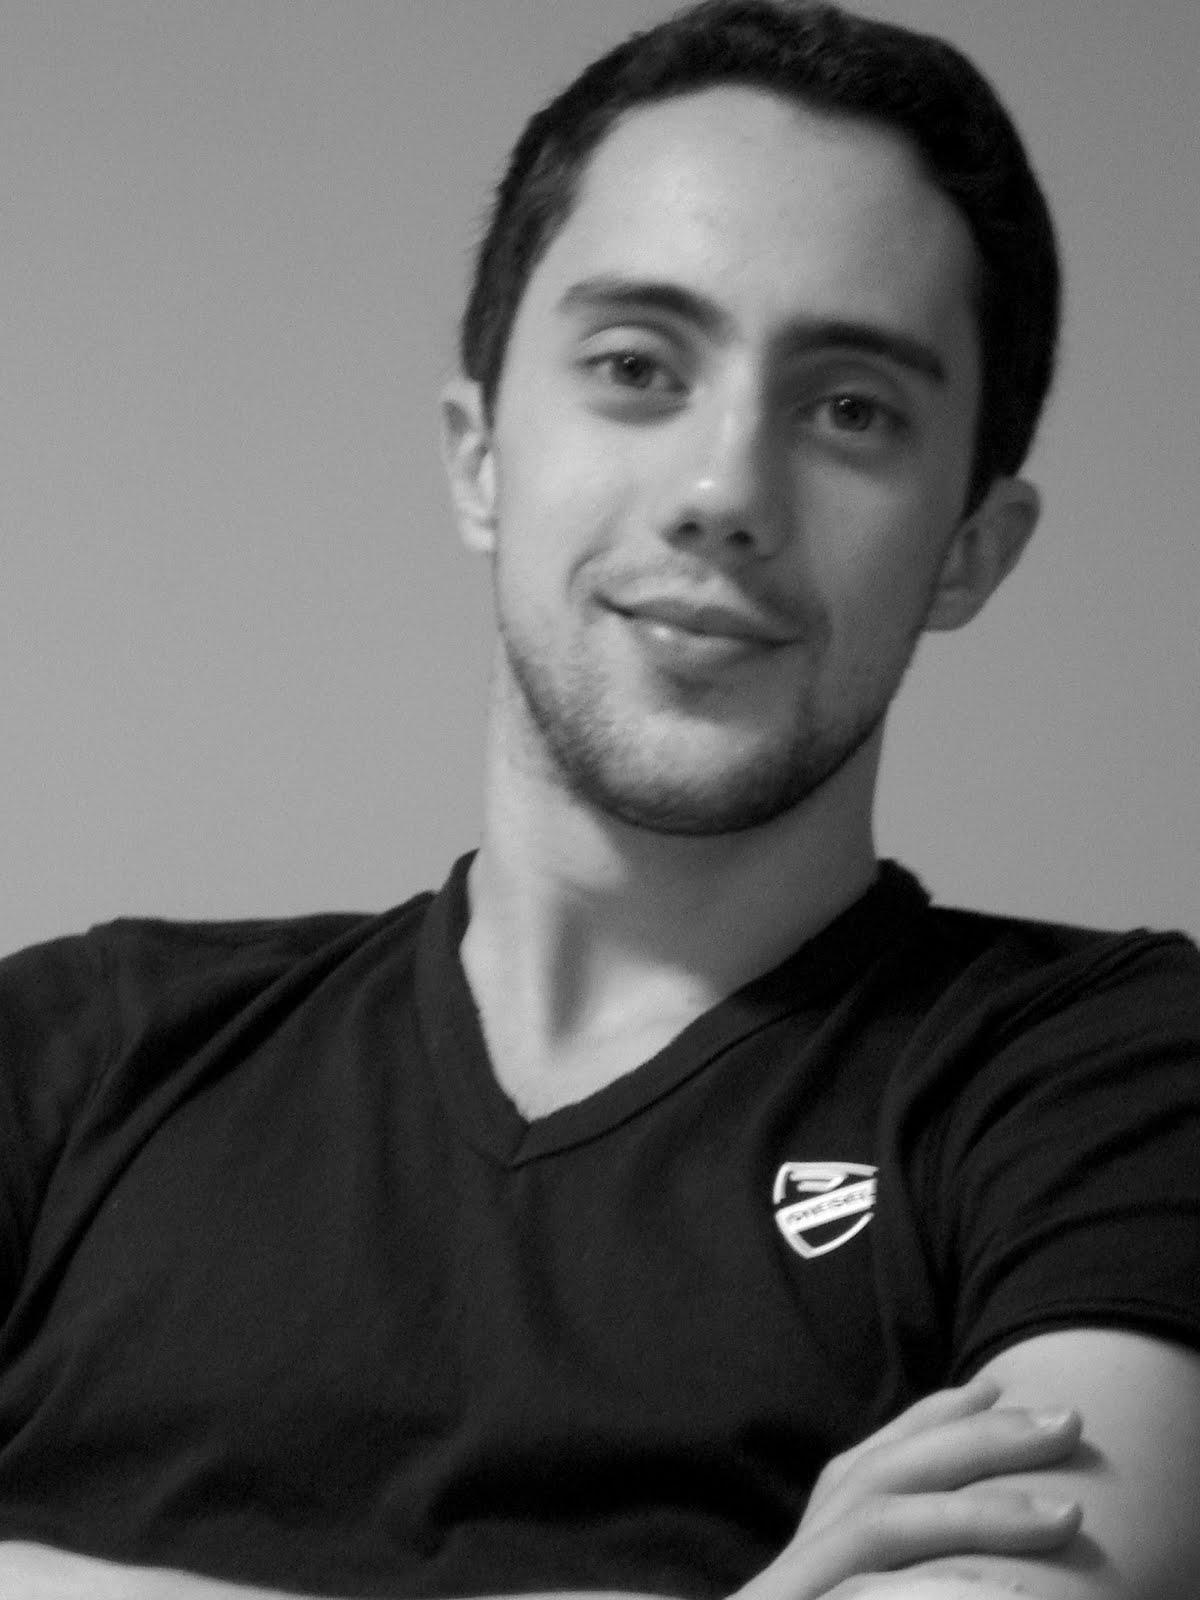 Erico Montes